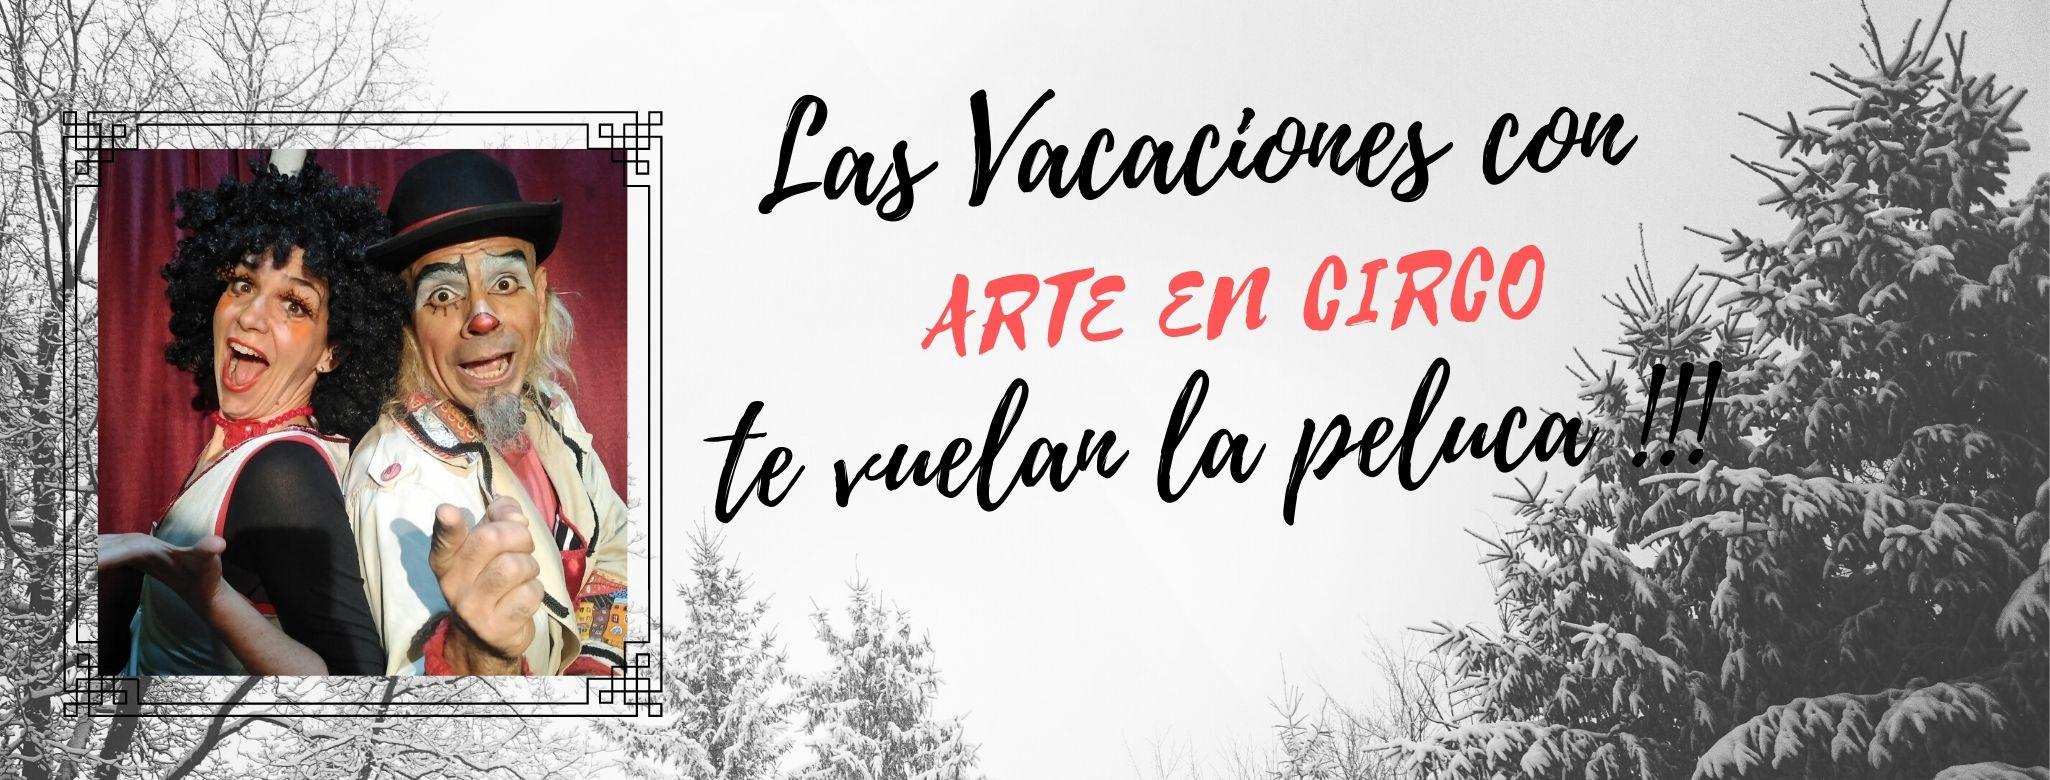 ARTE EN CIRCO| Una hermosa oportunidad para Vacaciones de Invierno